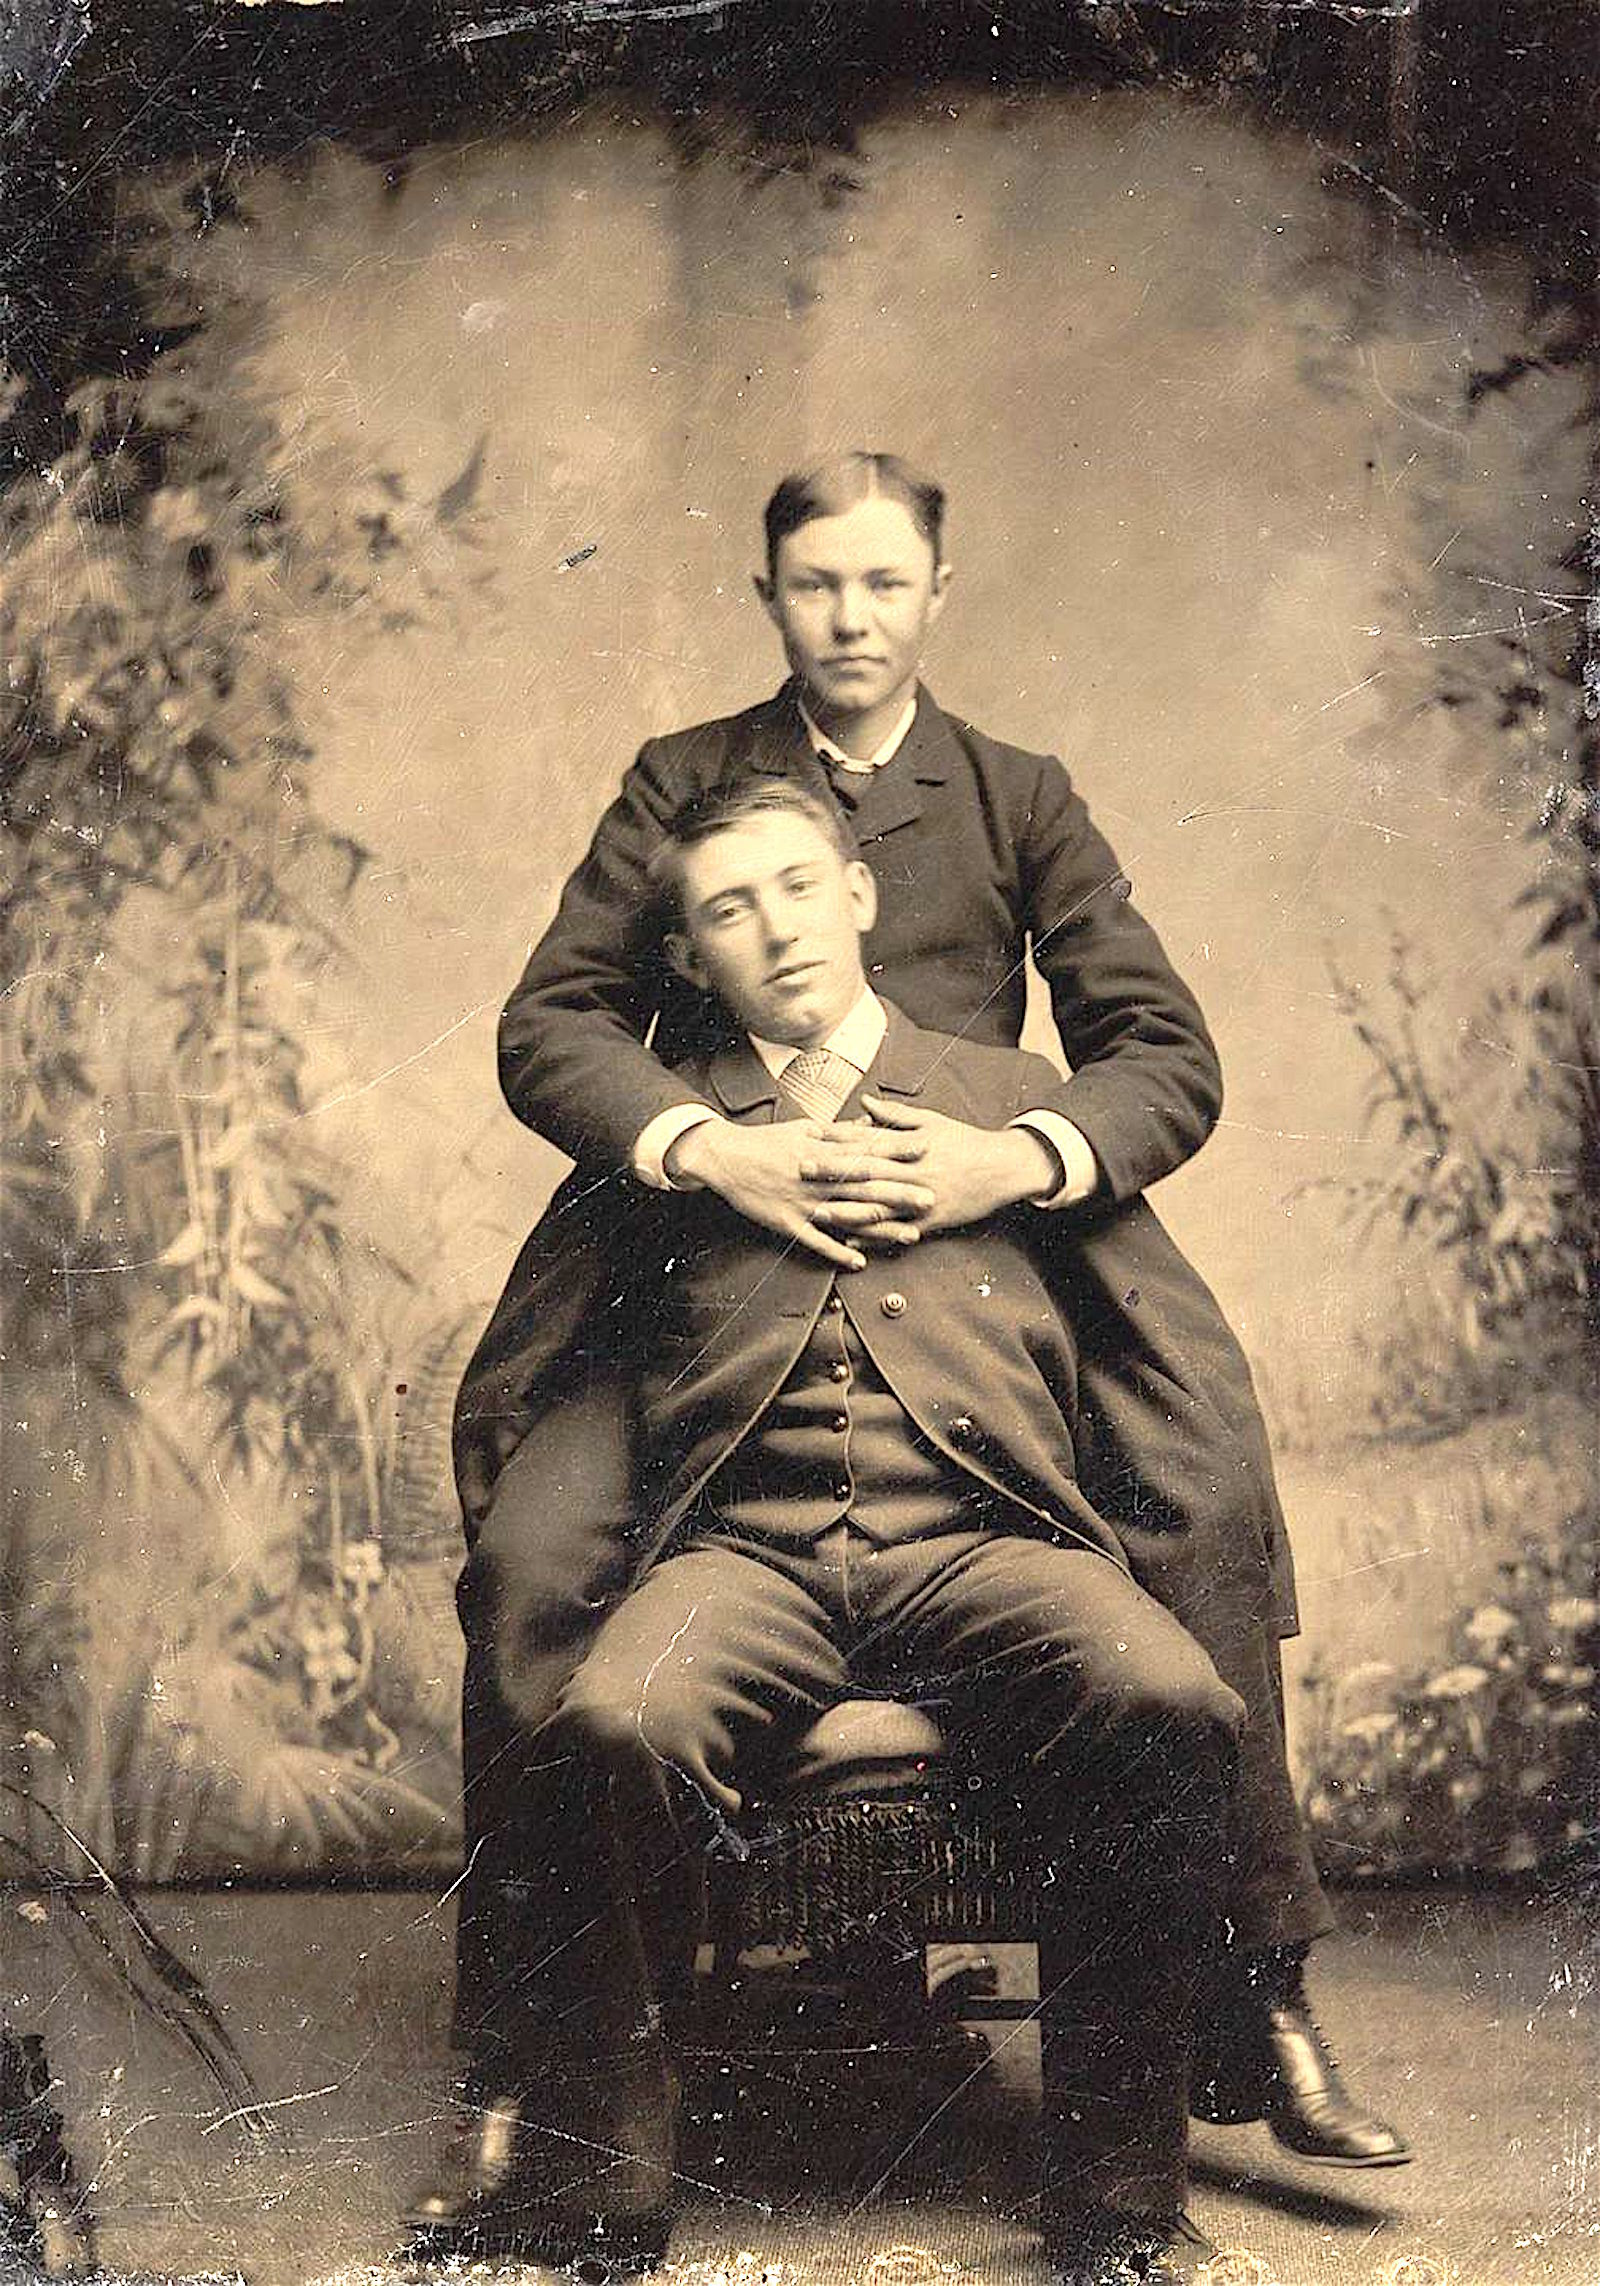 особенности фото викторианской эпохи правильно говорить хёндэ